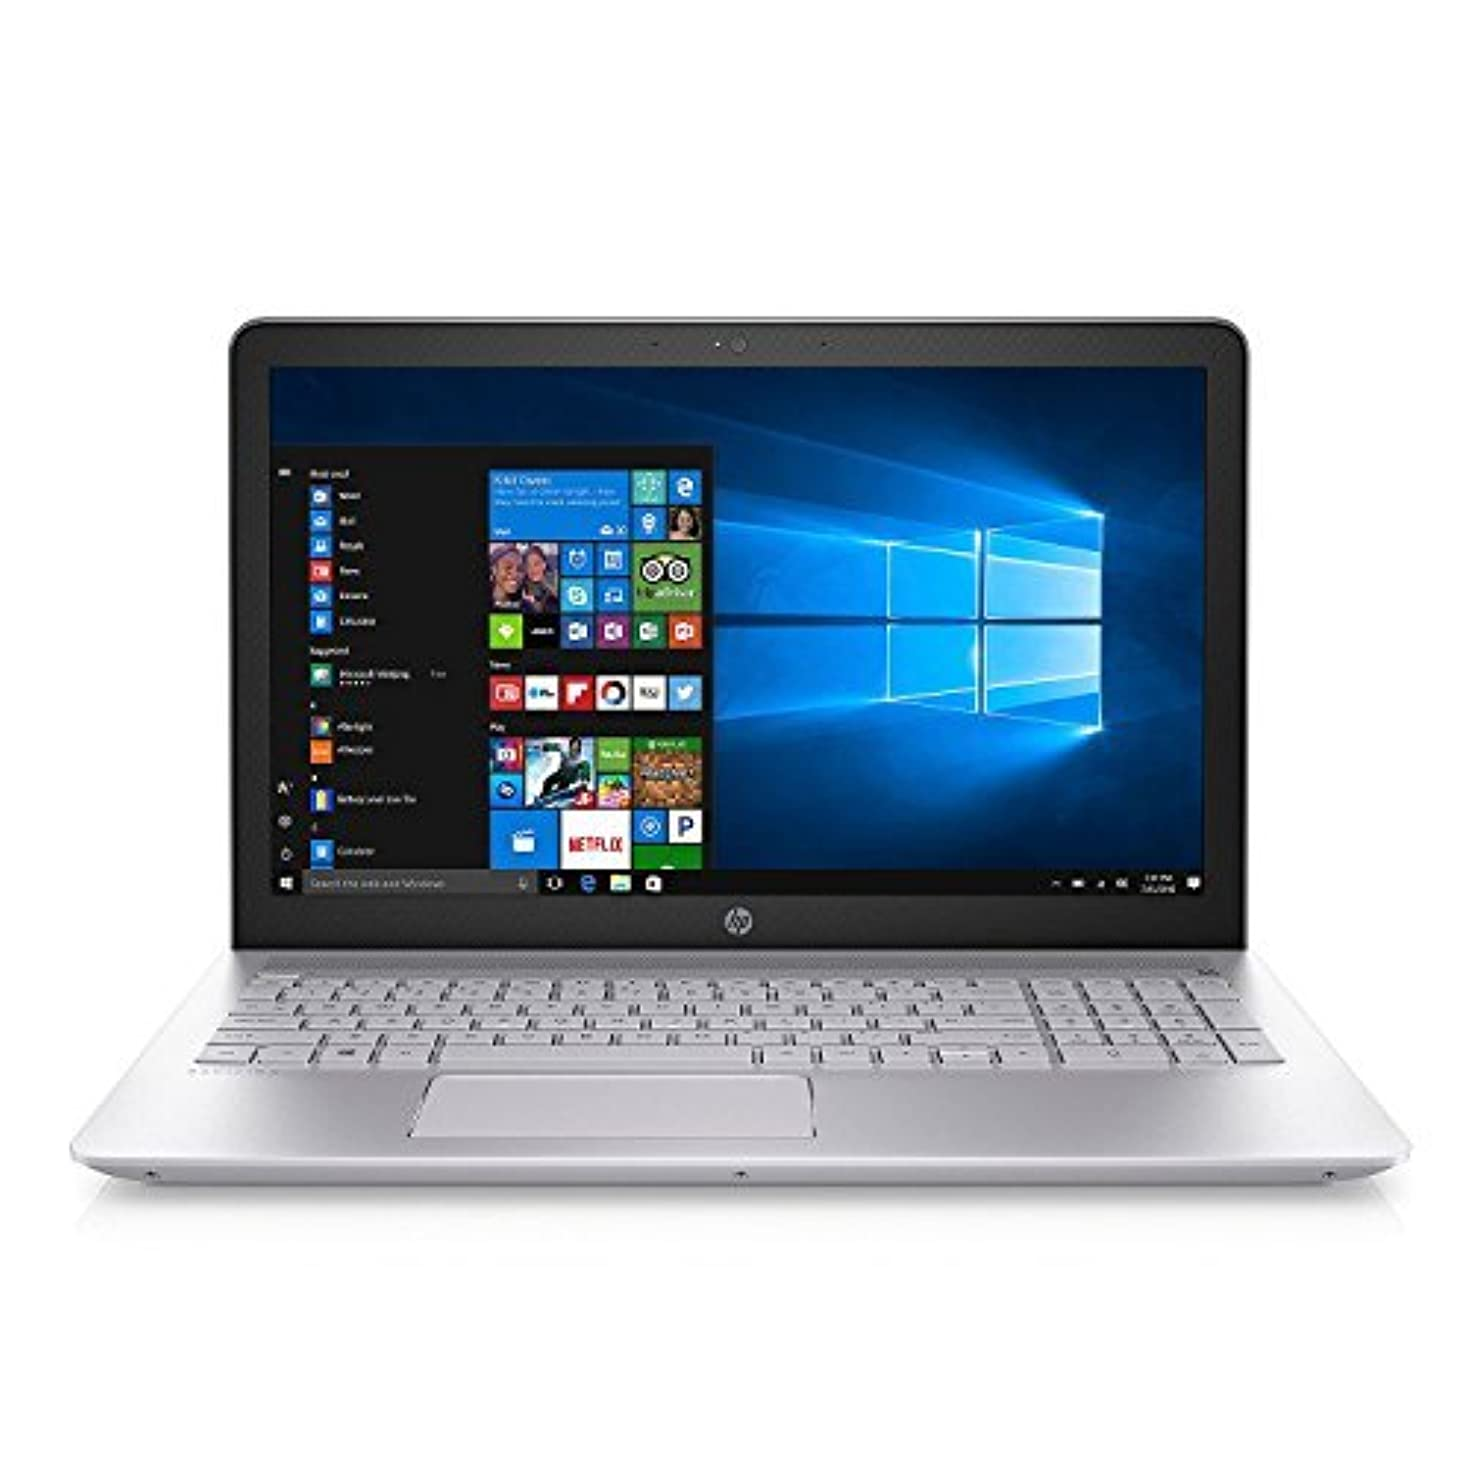 着替える頼る問い合わせるHP Pavilion 15.6 Full HD Notebook Intel 8th Gen Core i7-8550U QC Processor 8GB Memory 2TB Hard Drive 4GB NVIDIA GT940MX Graphics Optical Drive HD Webcam Backlit Keyboard [並行輸入品]